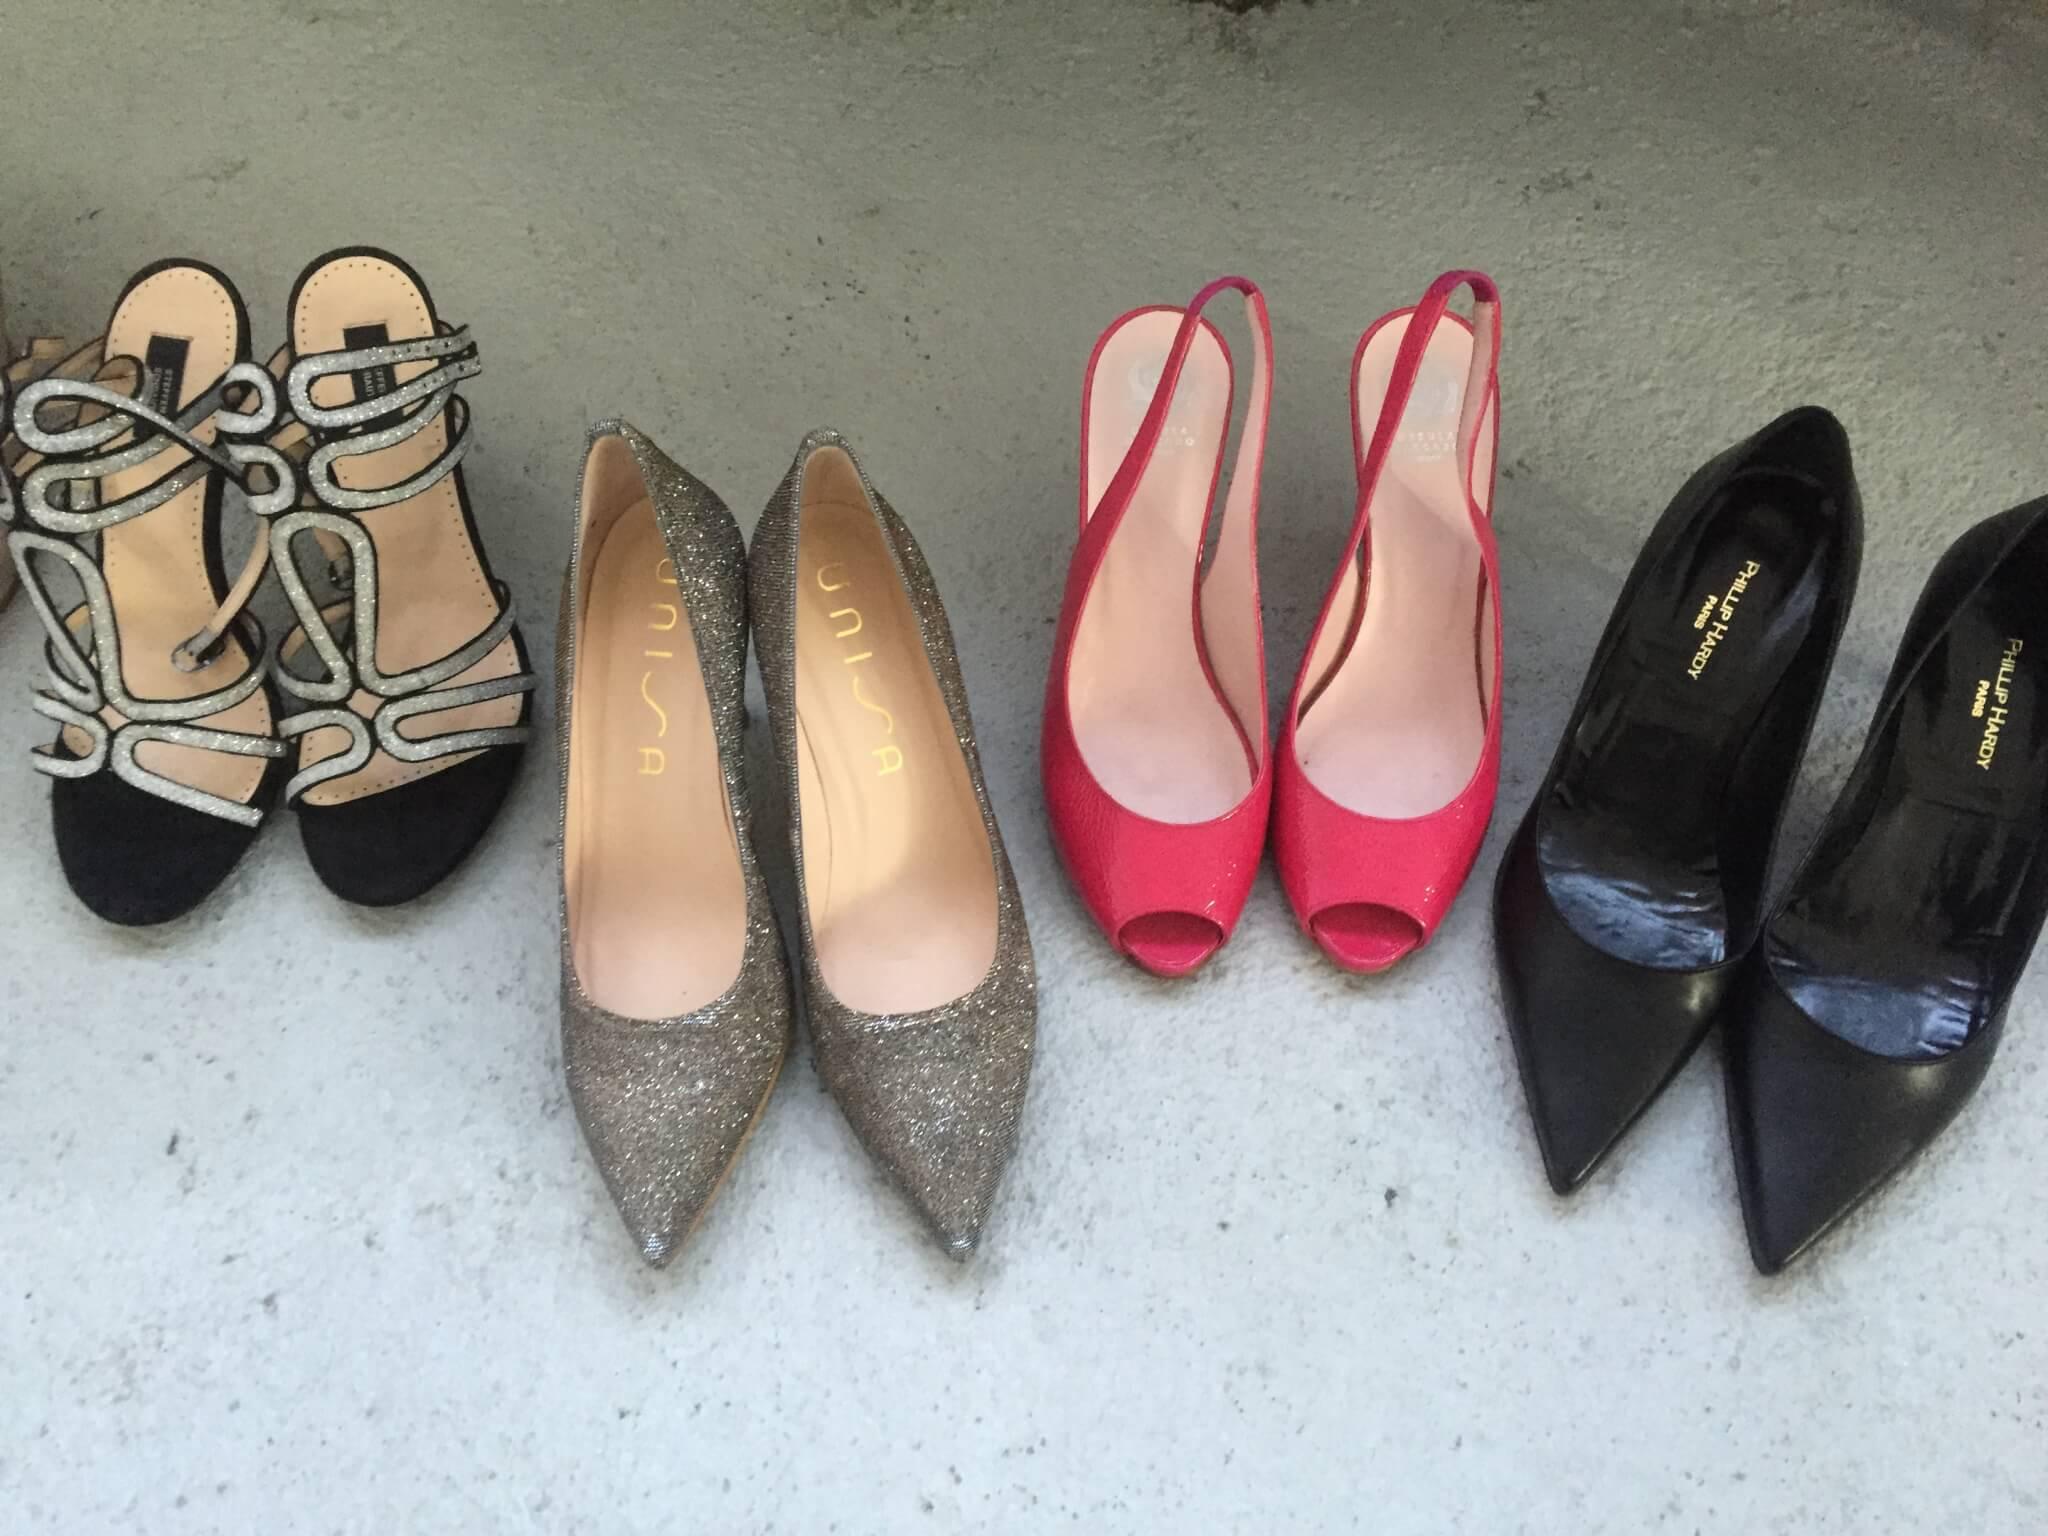 Moderatorinnen und ihre Schuhe …